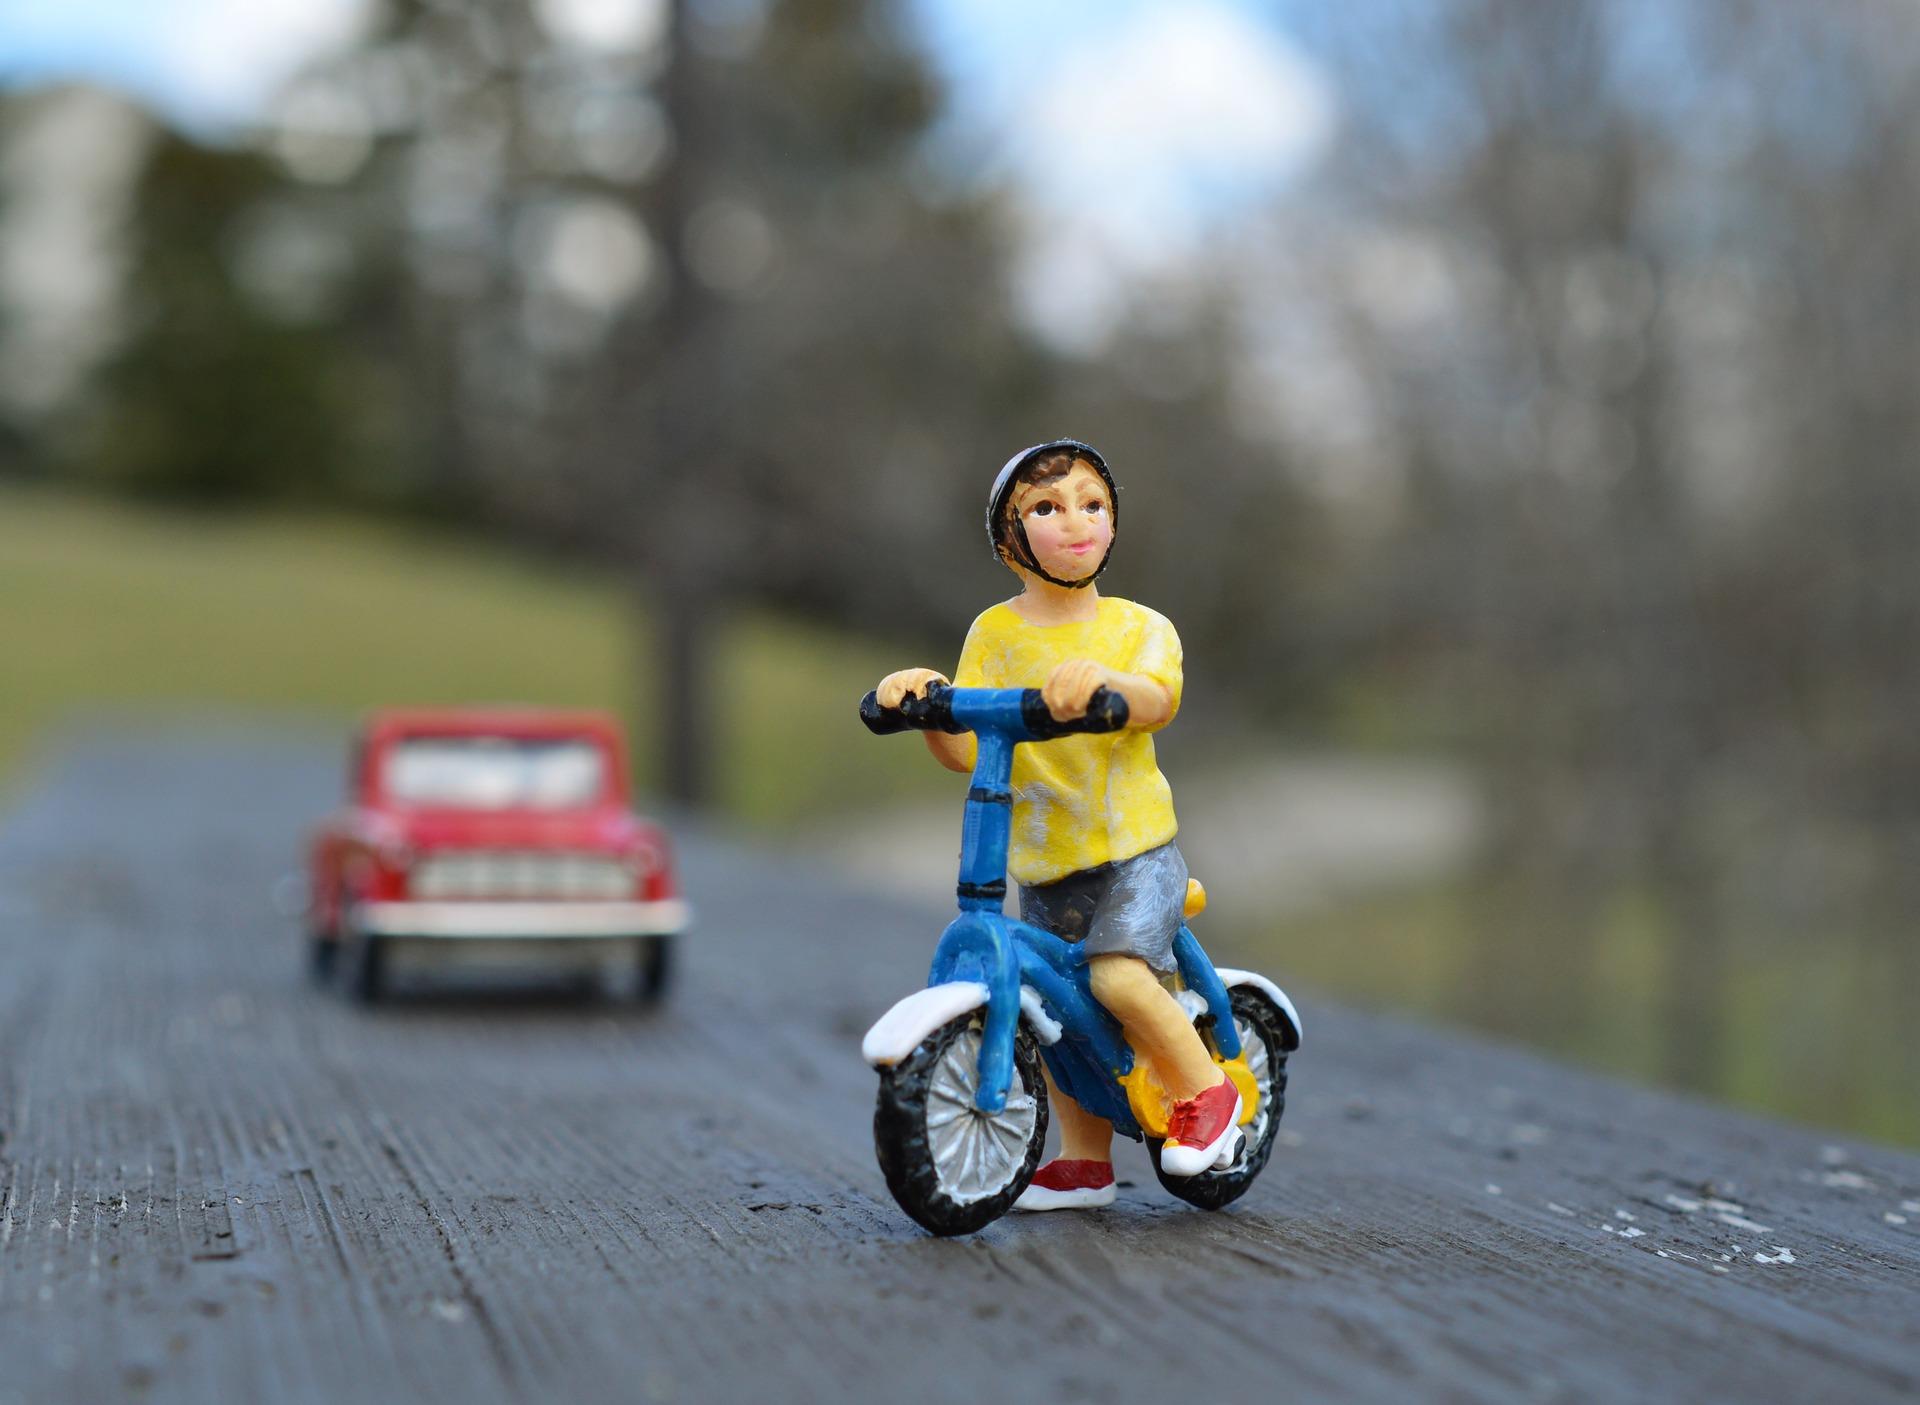 bicycle-2271756_1920.jpg